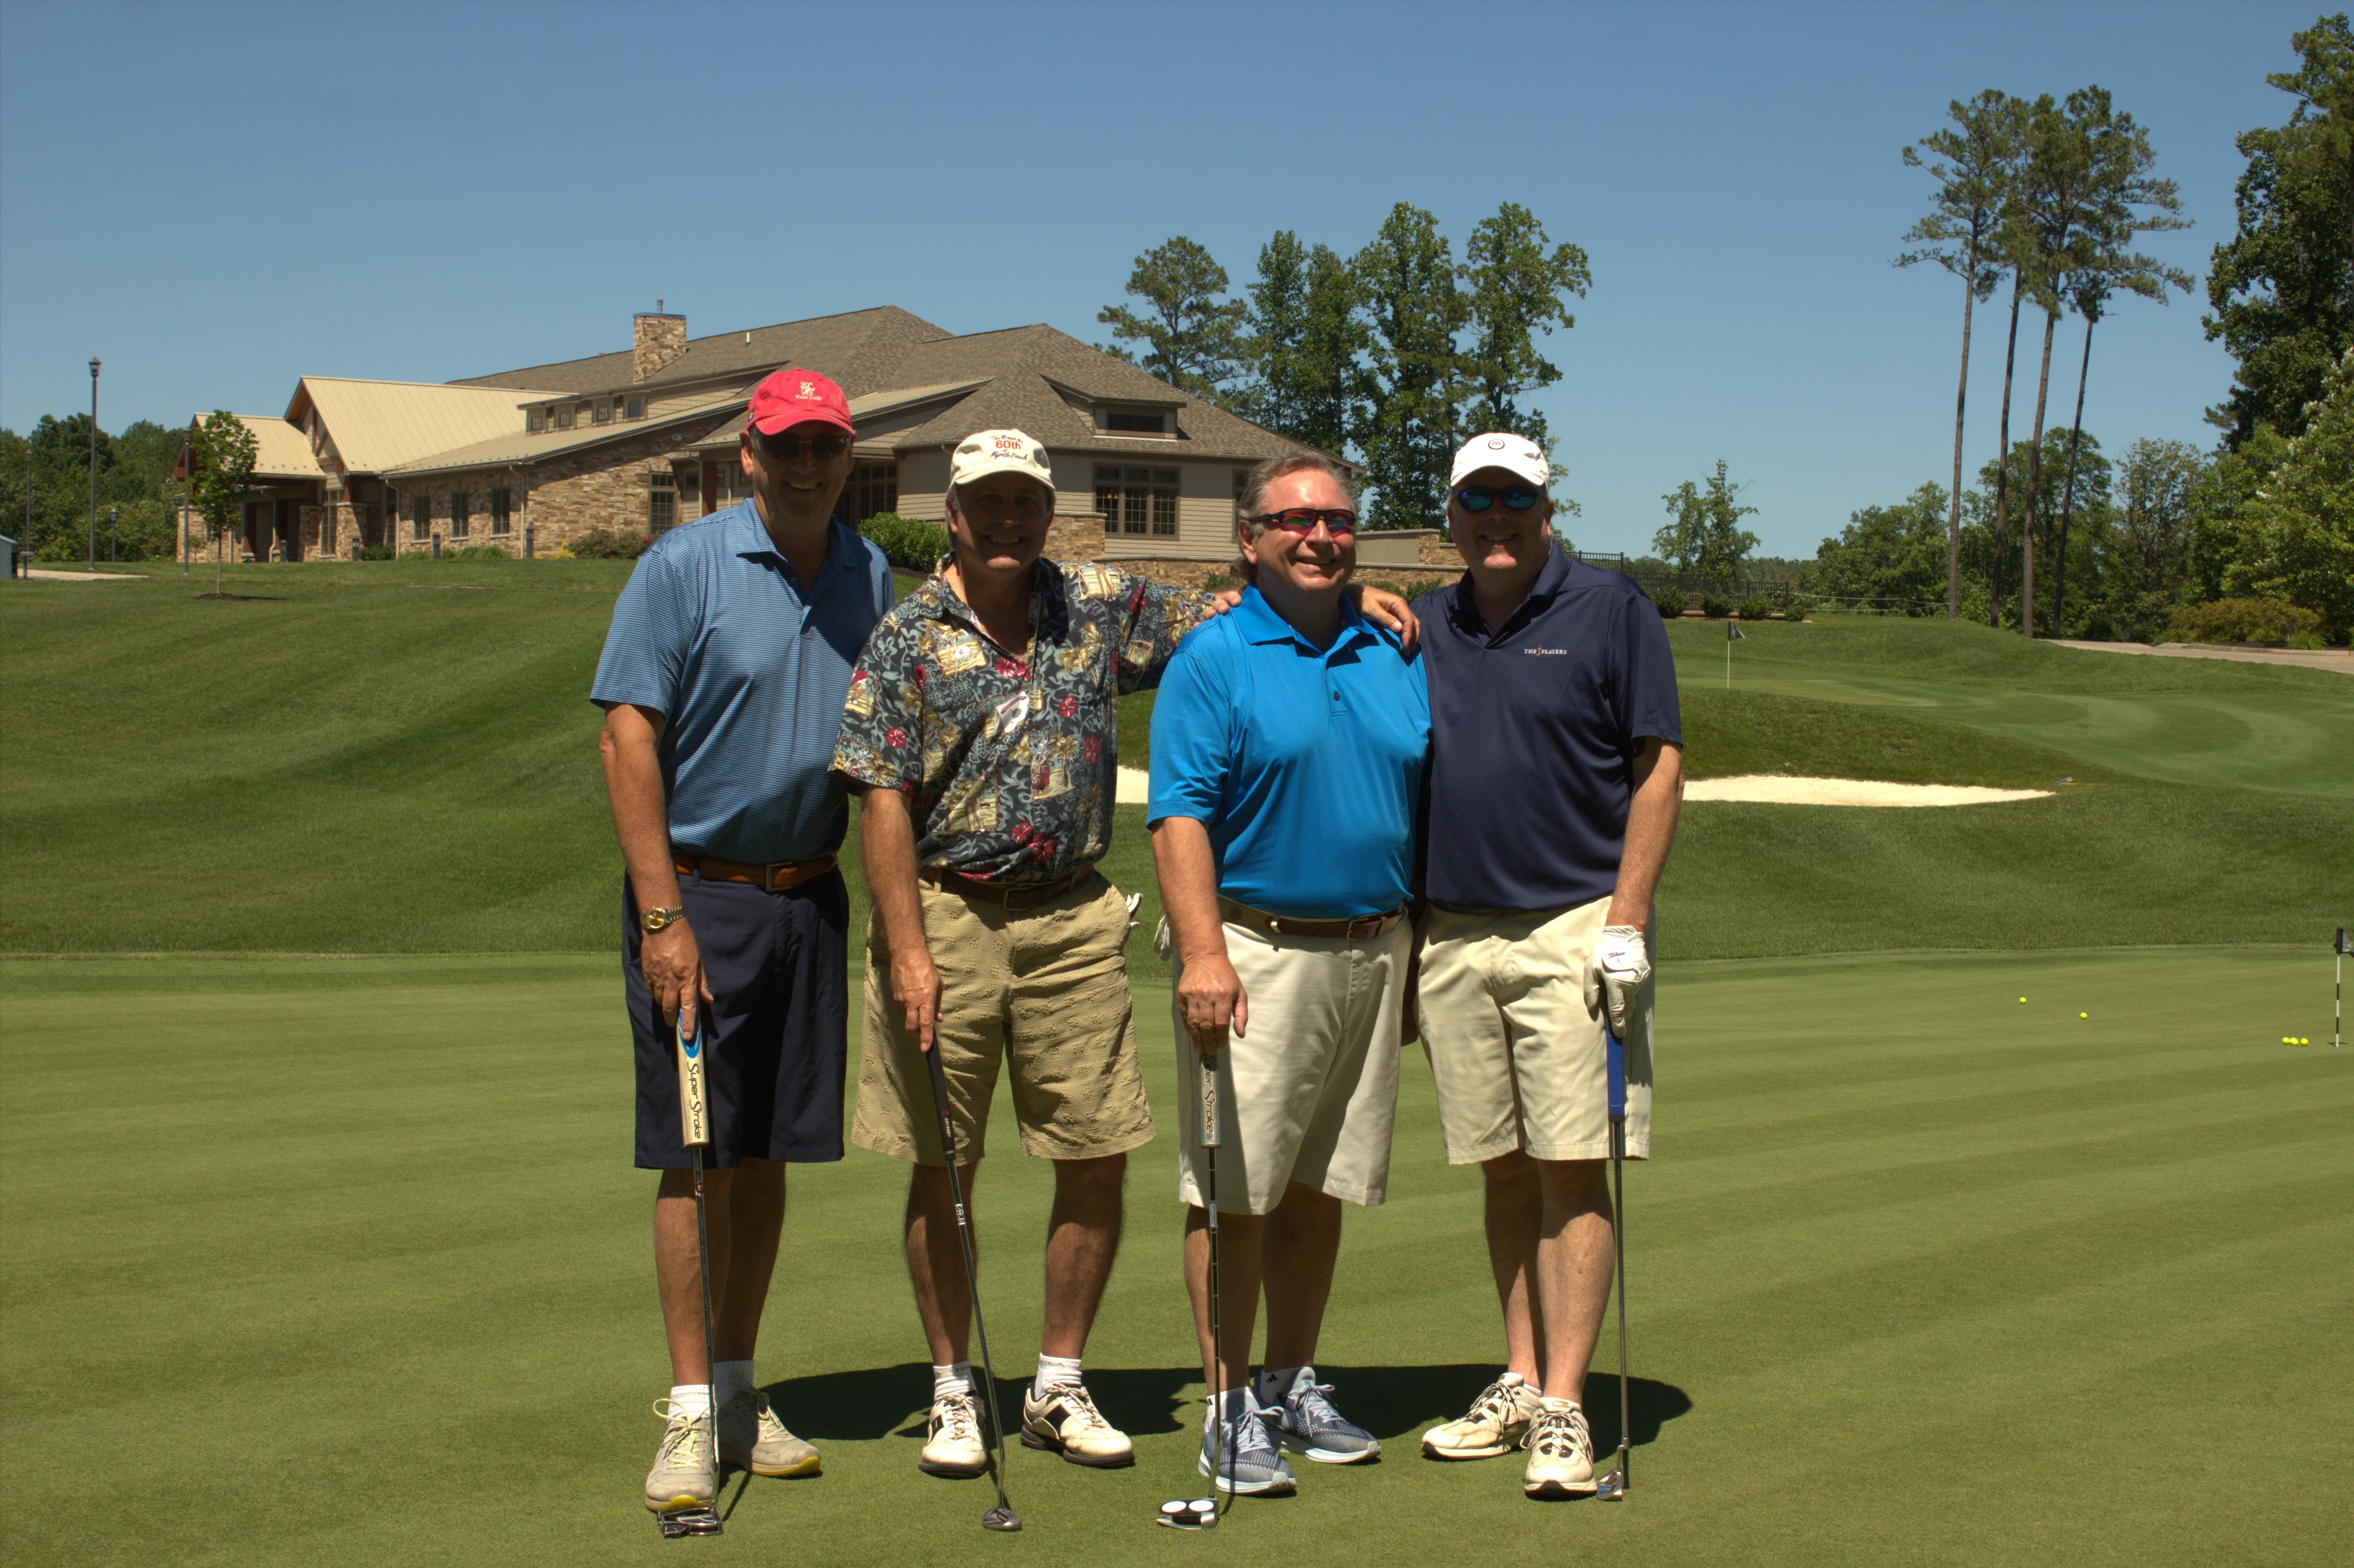 WRBA Golf Tournament Putting Contest 2019 Team-10-01.jpg